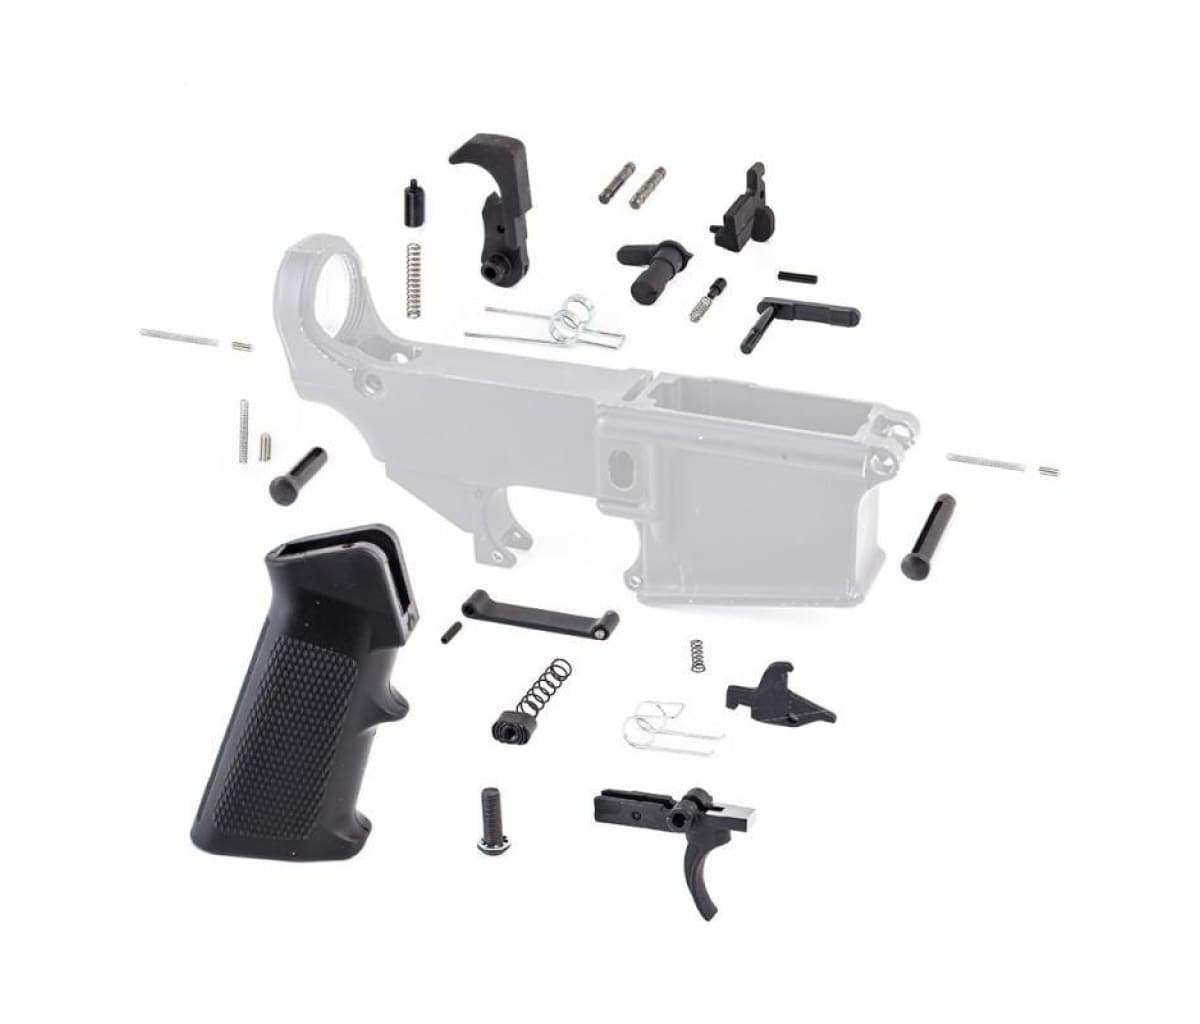 Tiger Rock AR-15 Lower Parts Kit w/ Standard Grip & Trigger Guard